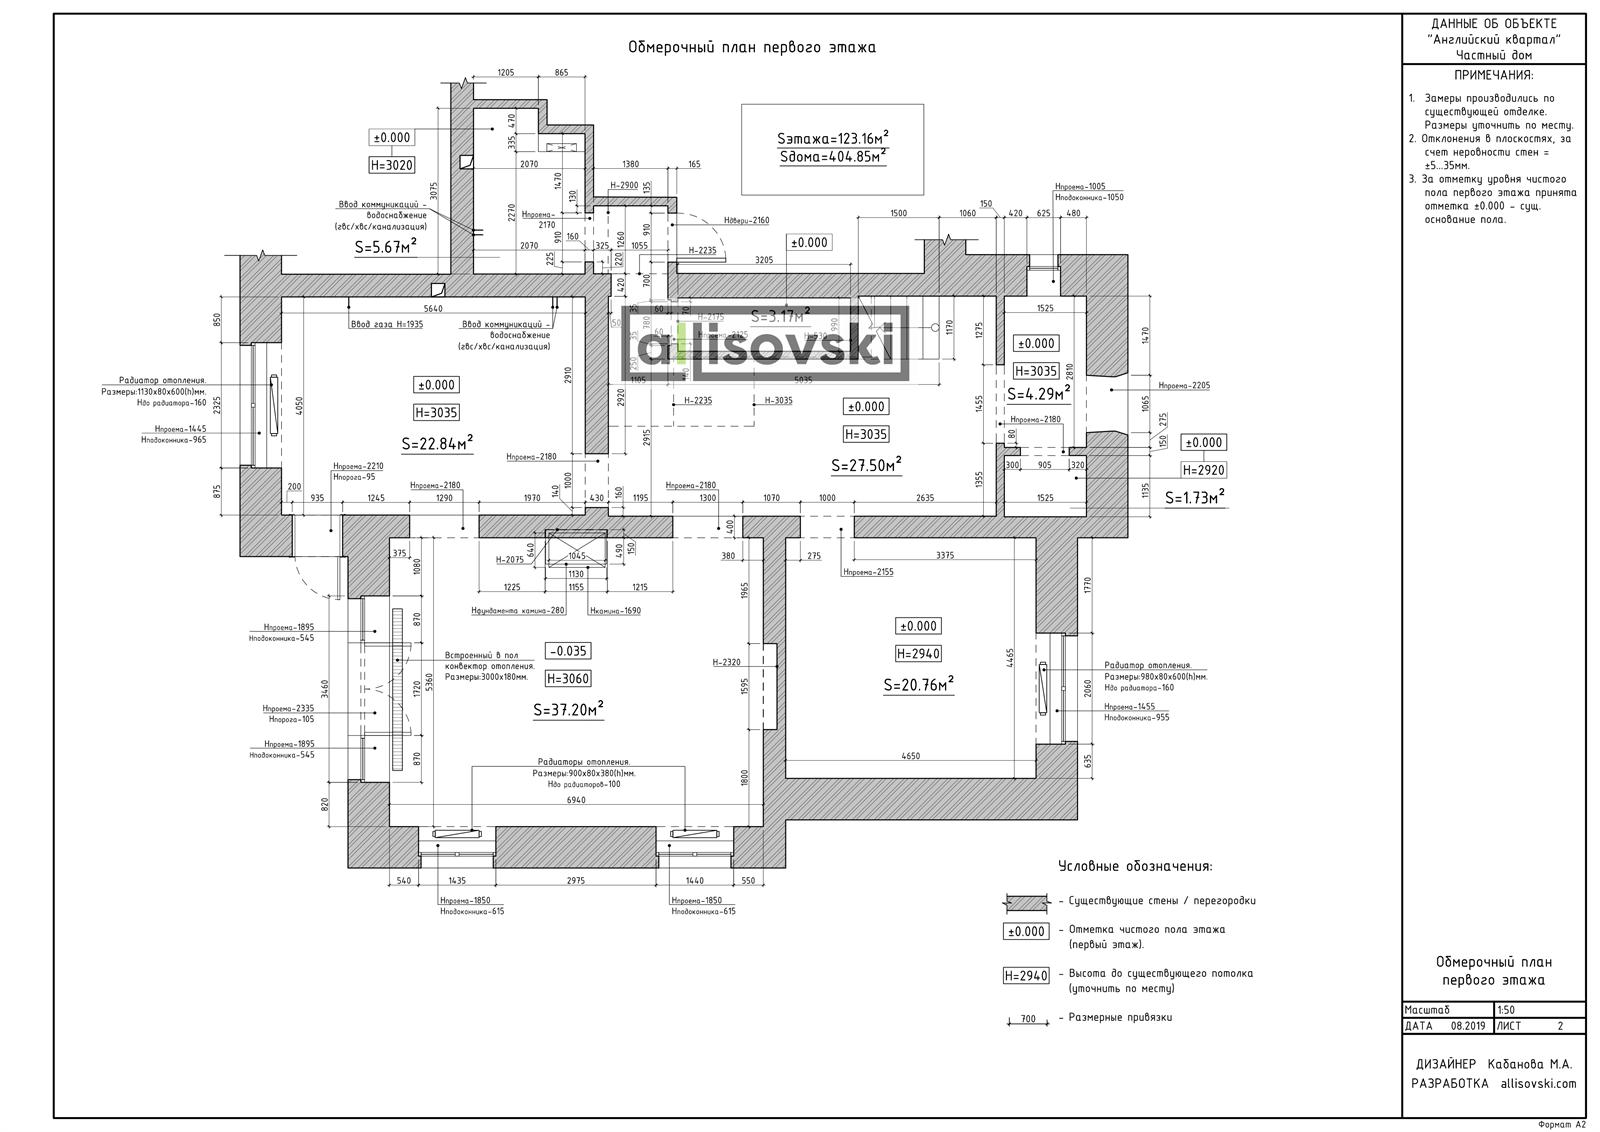 Обмерочный план первый этаж дома